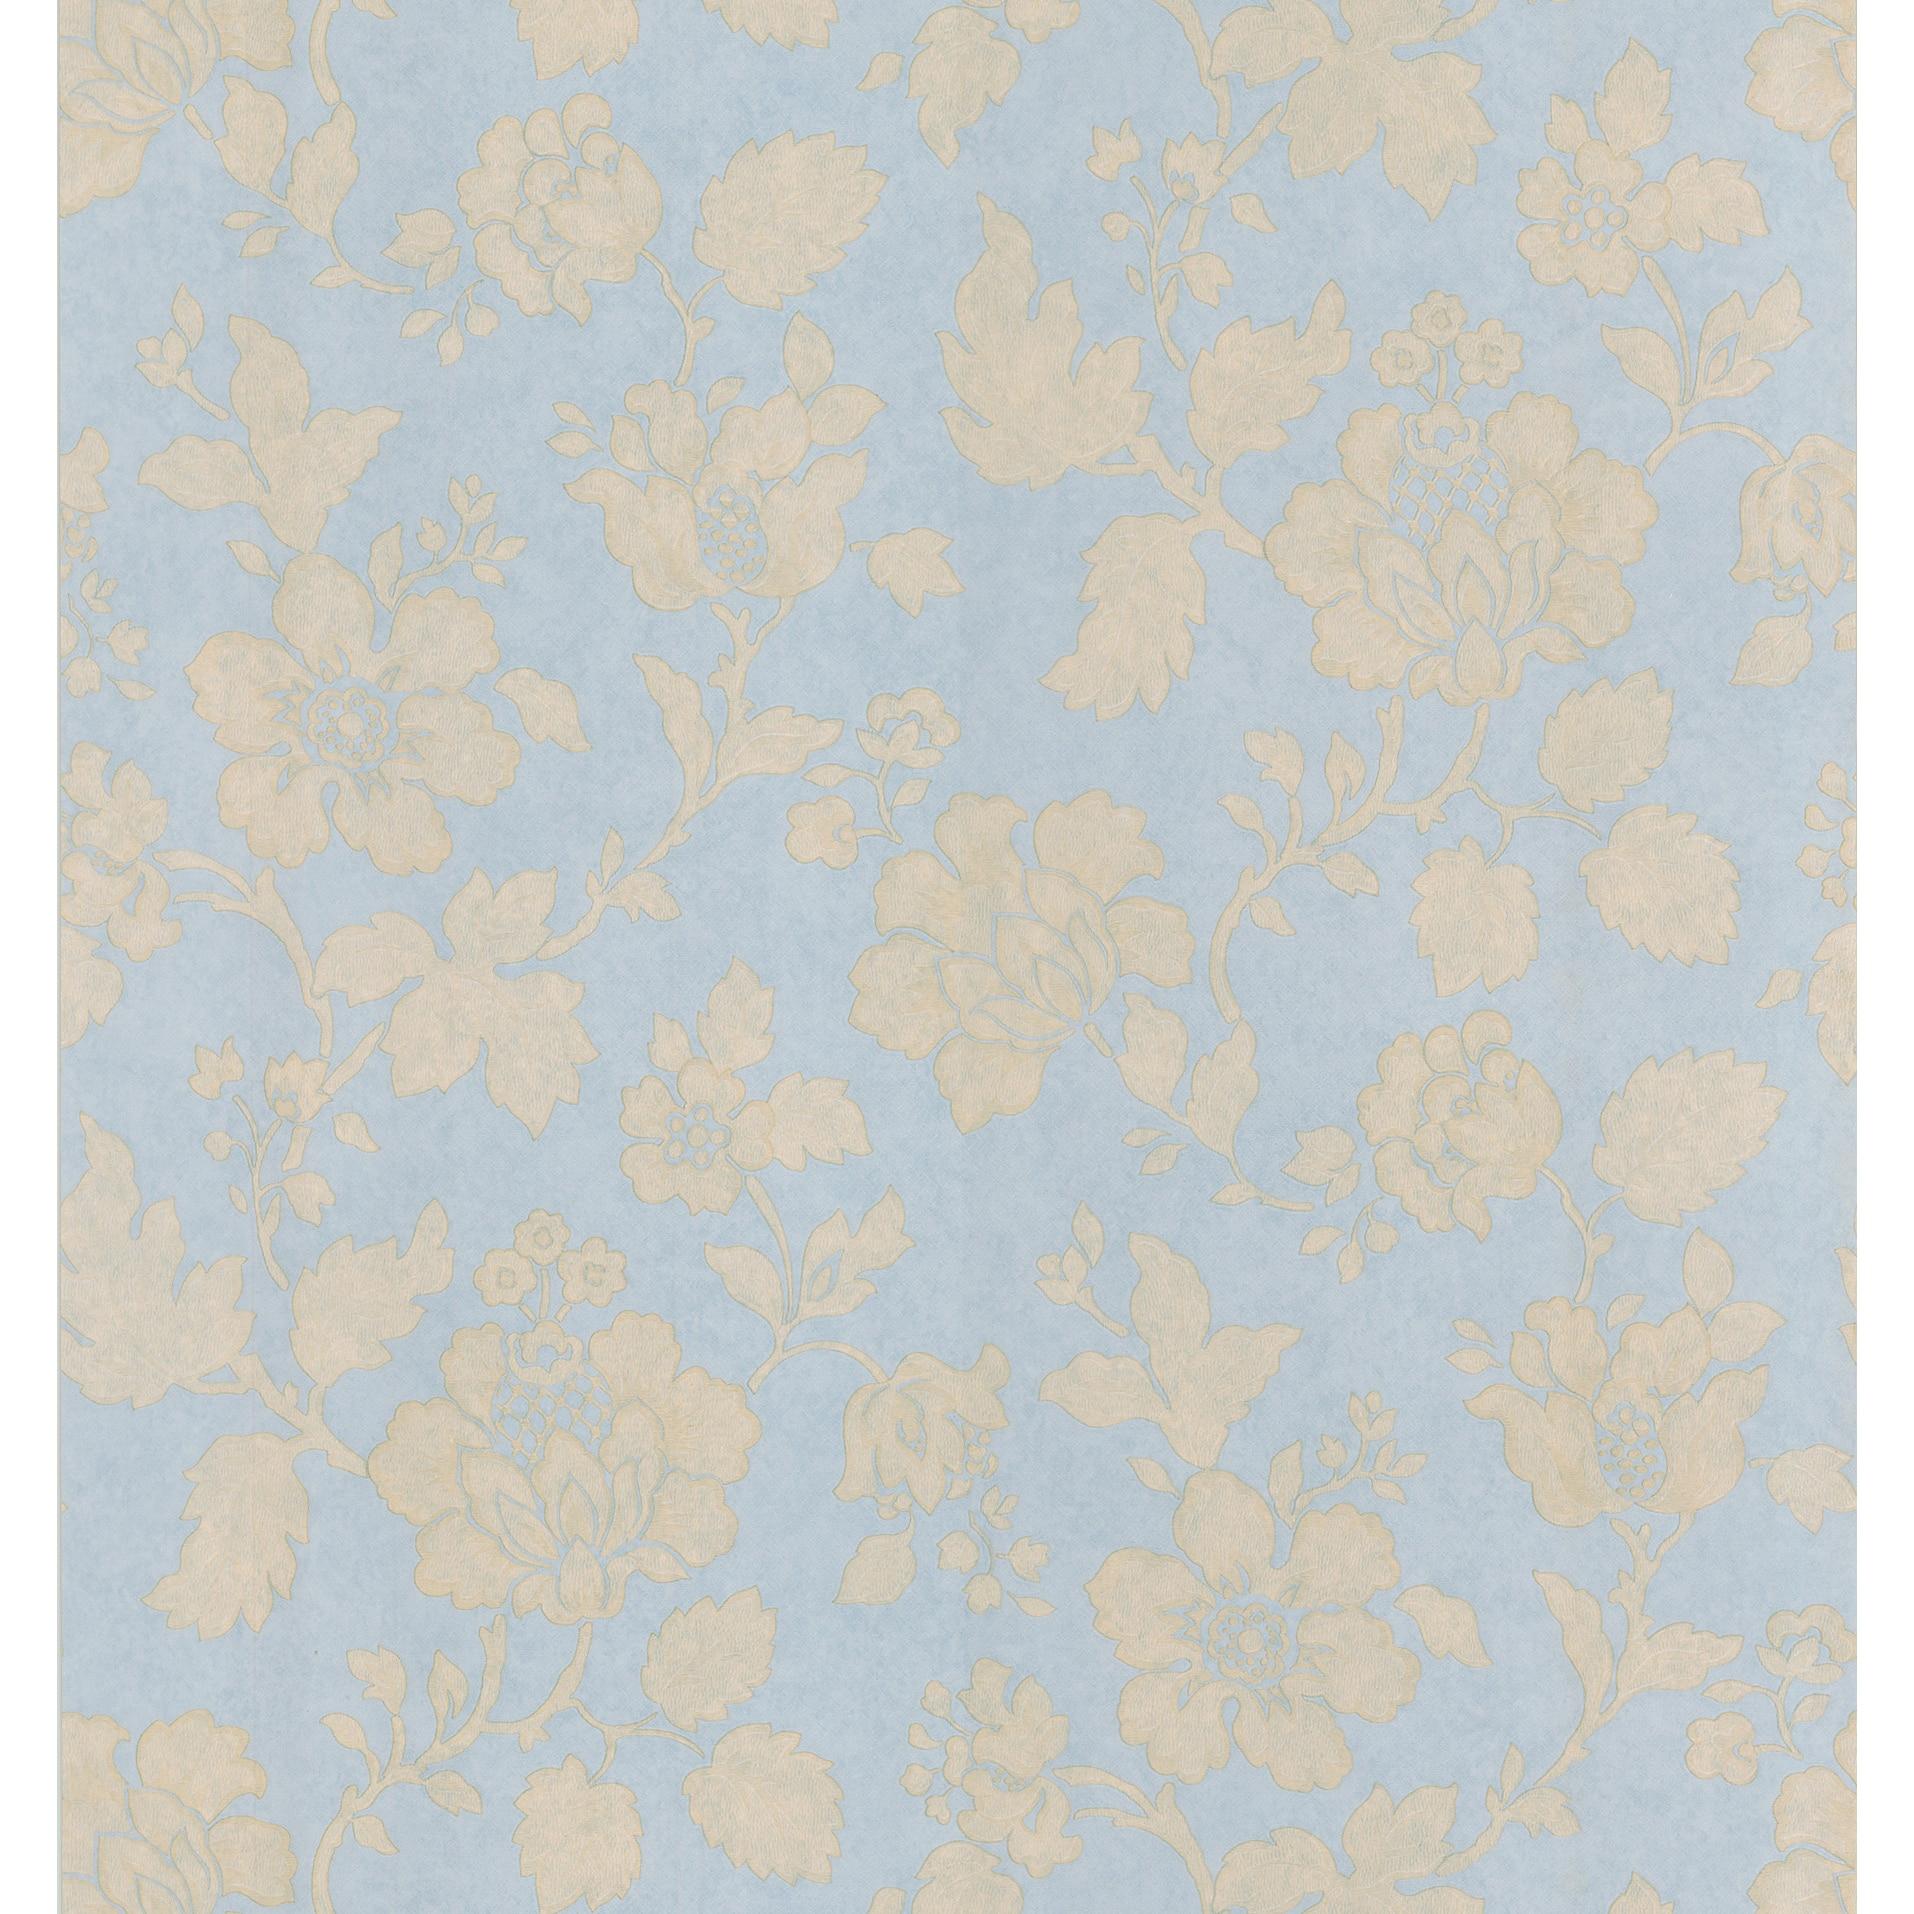 Shop Brewster Light Blue Floral Vine Wallpaper Overstock 8111117